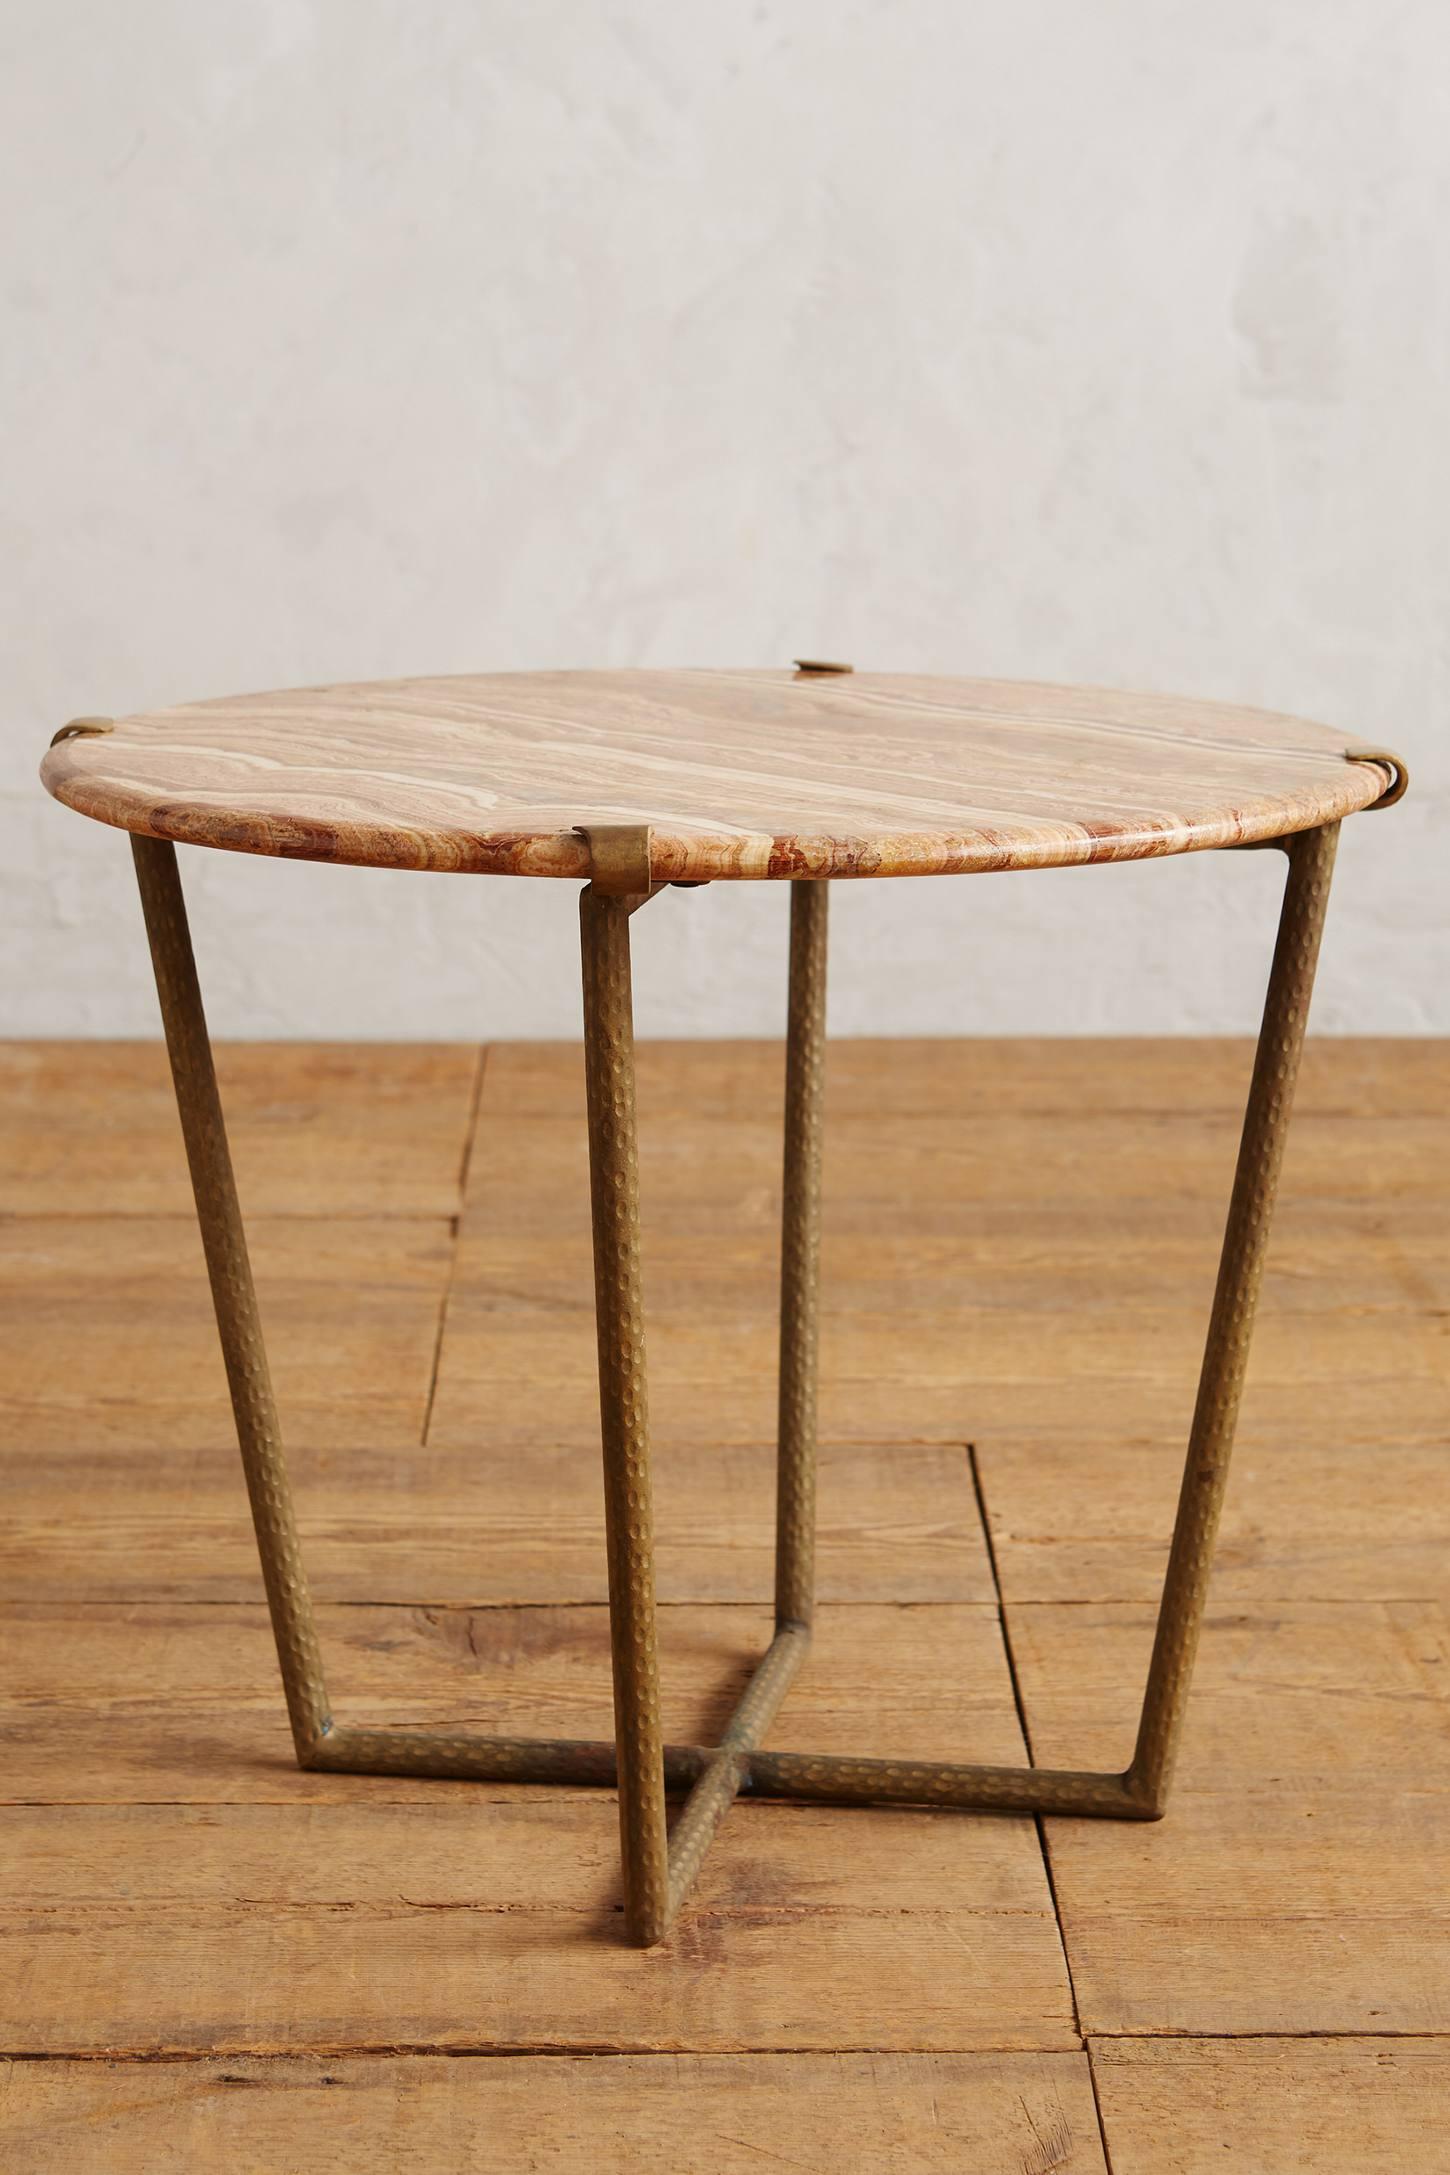 Slivered Boulder Table, Small